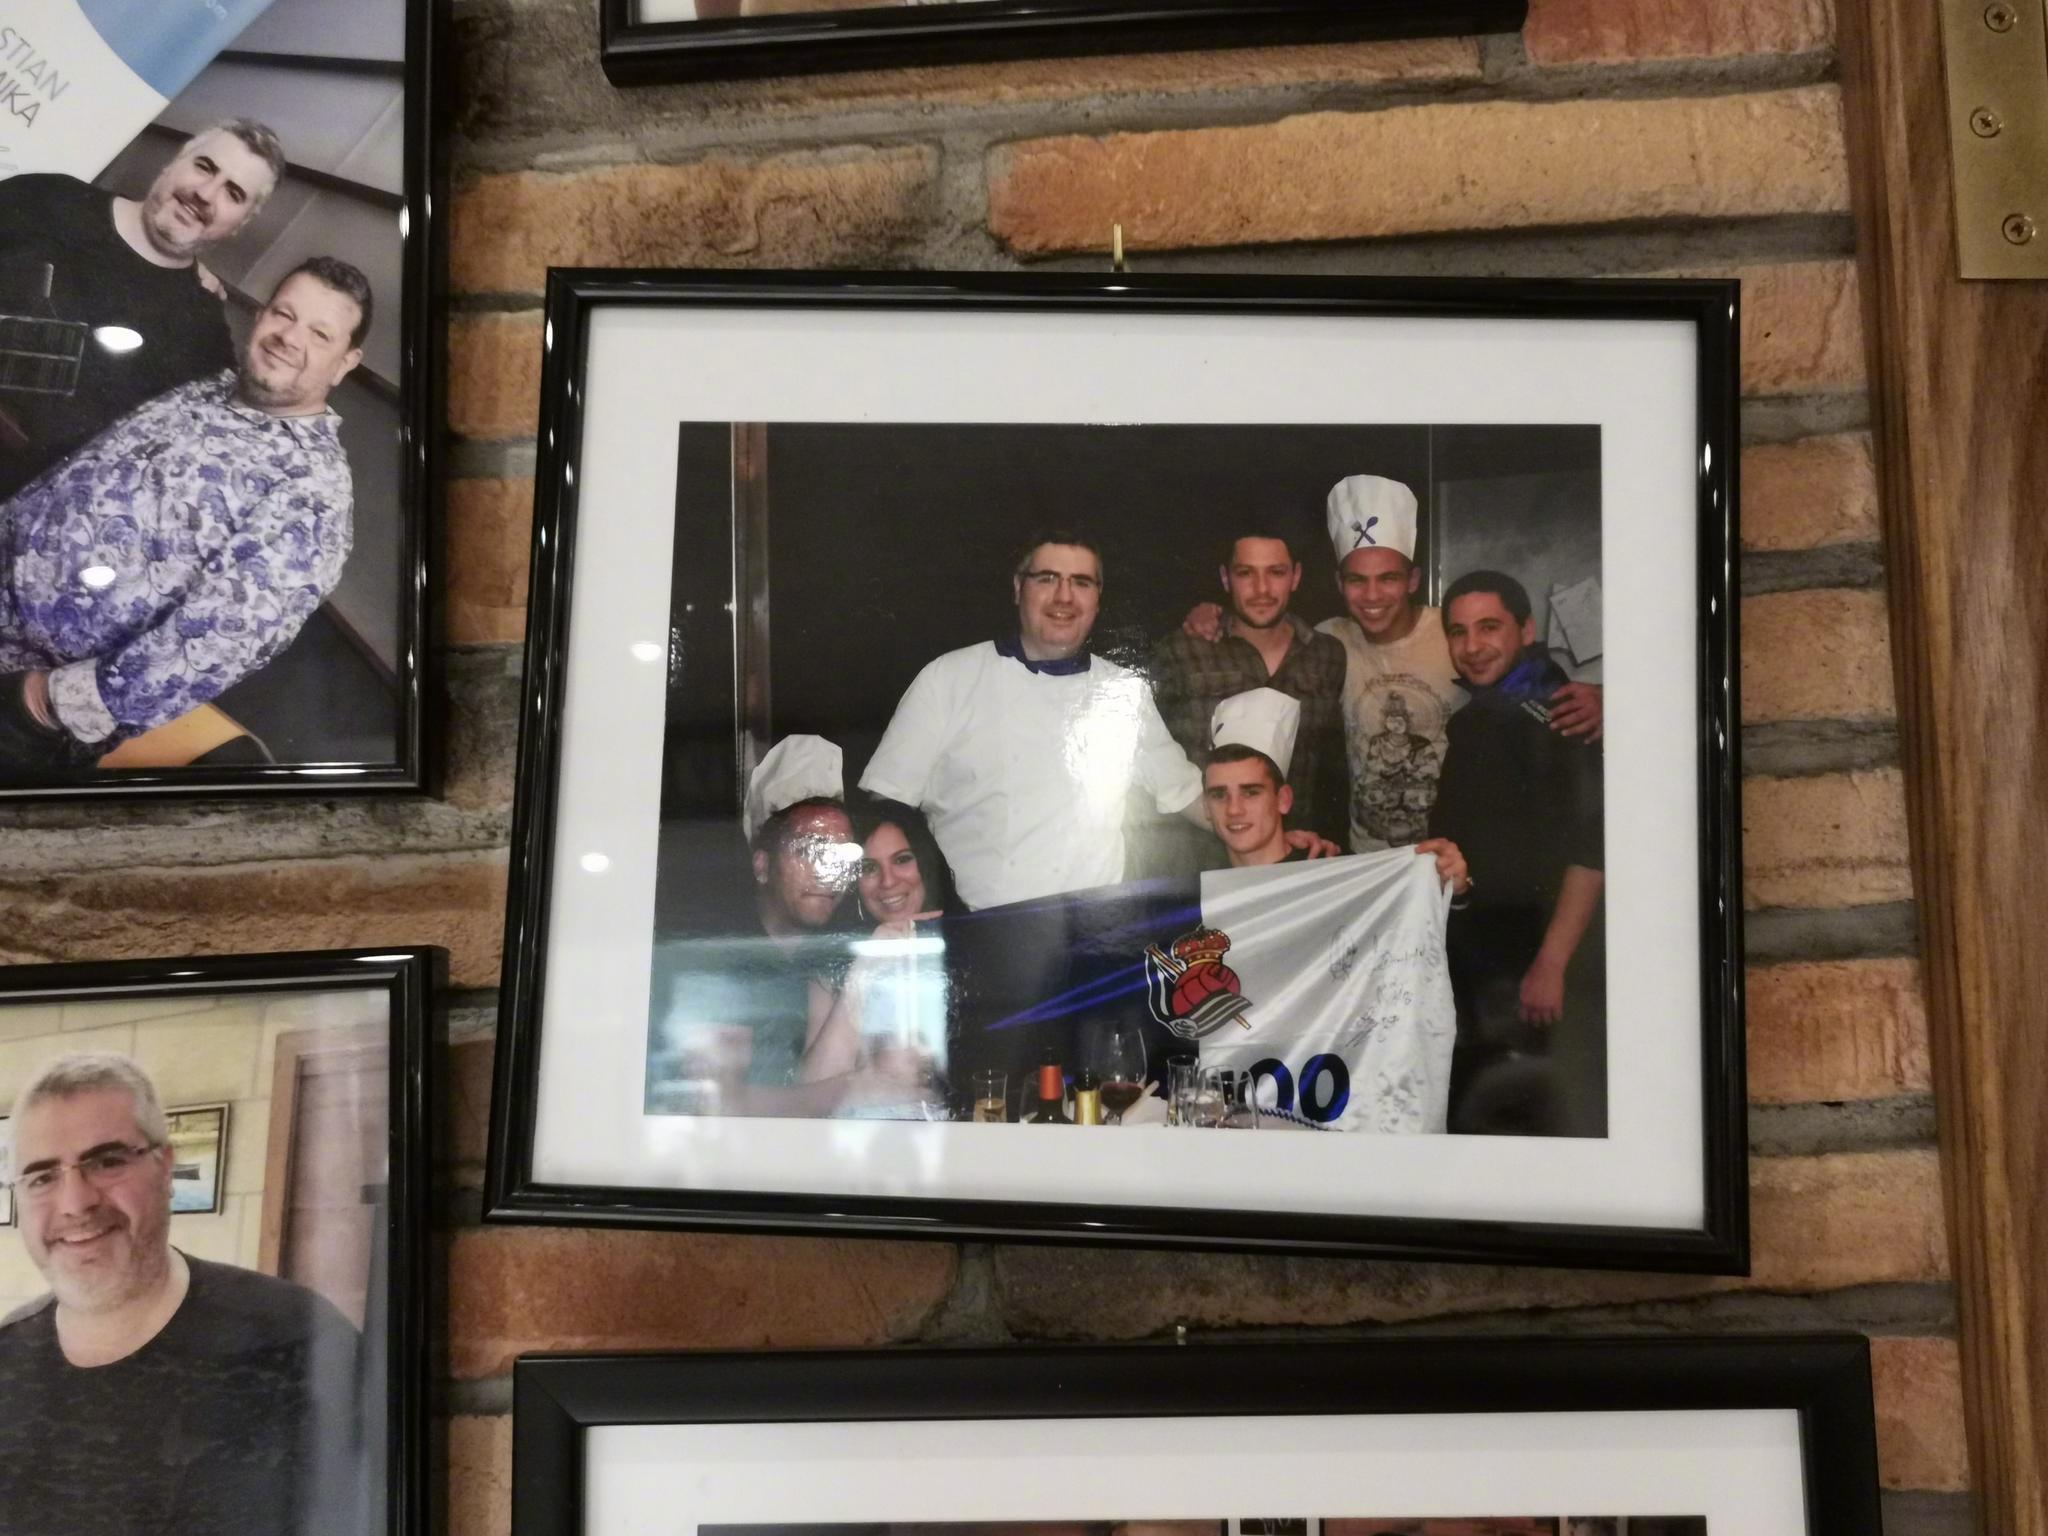 在圣塞一家酒吧的照片墙上看到了还在皇家社会效力时的格列兹曼